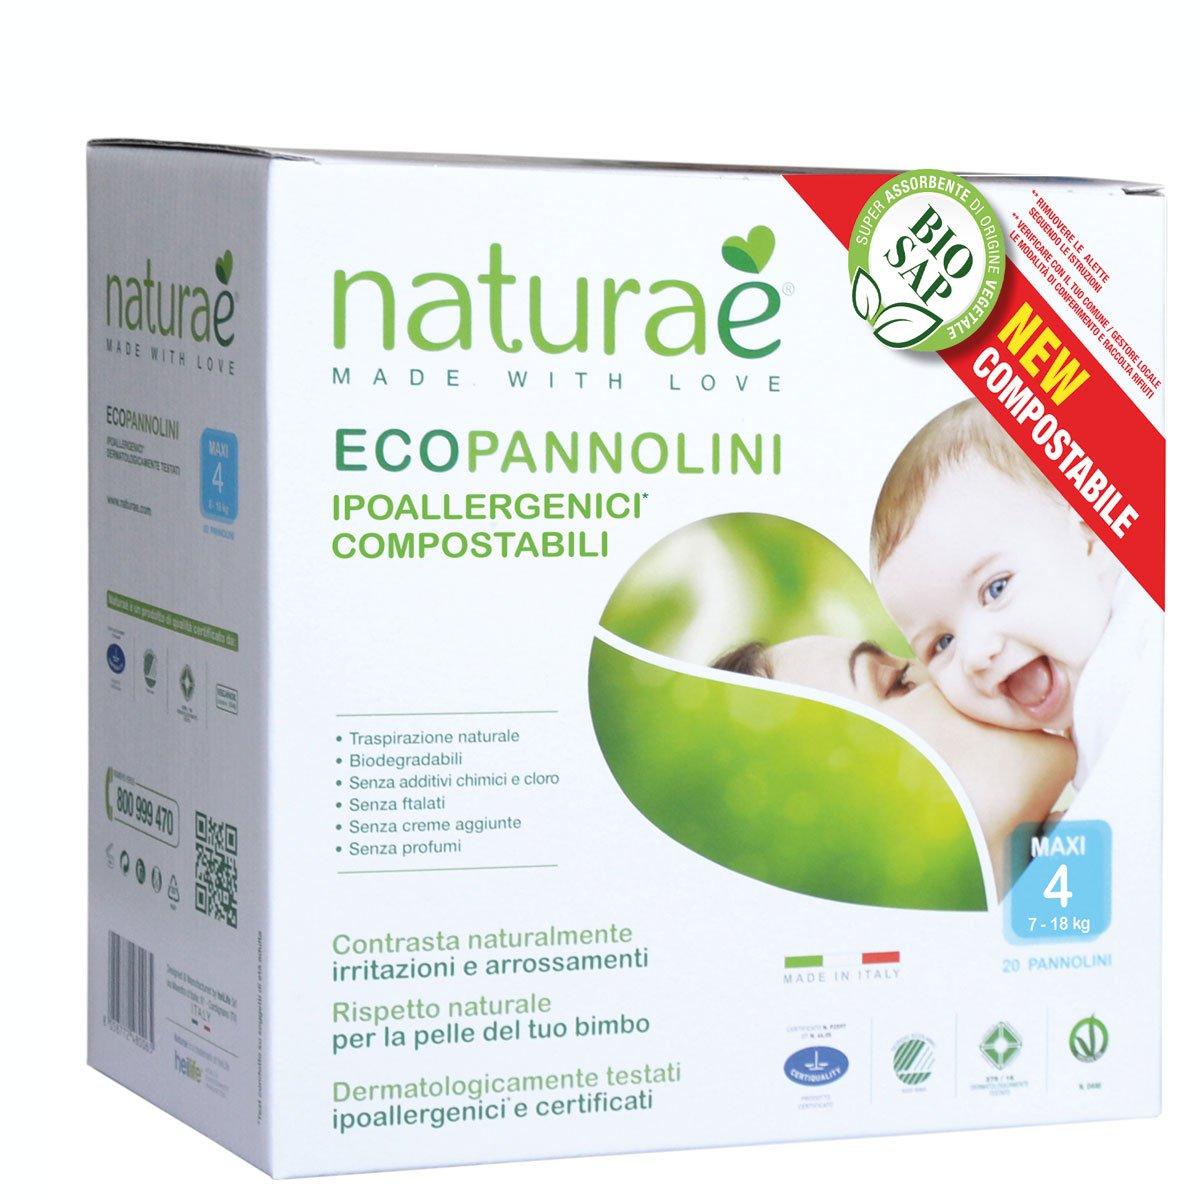 Diapers Naturaè® MAXI 7-18 kg, 20 pz